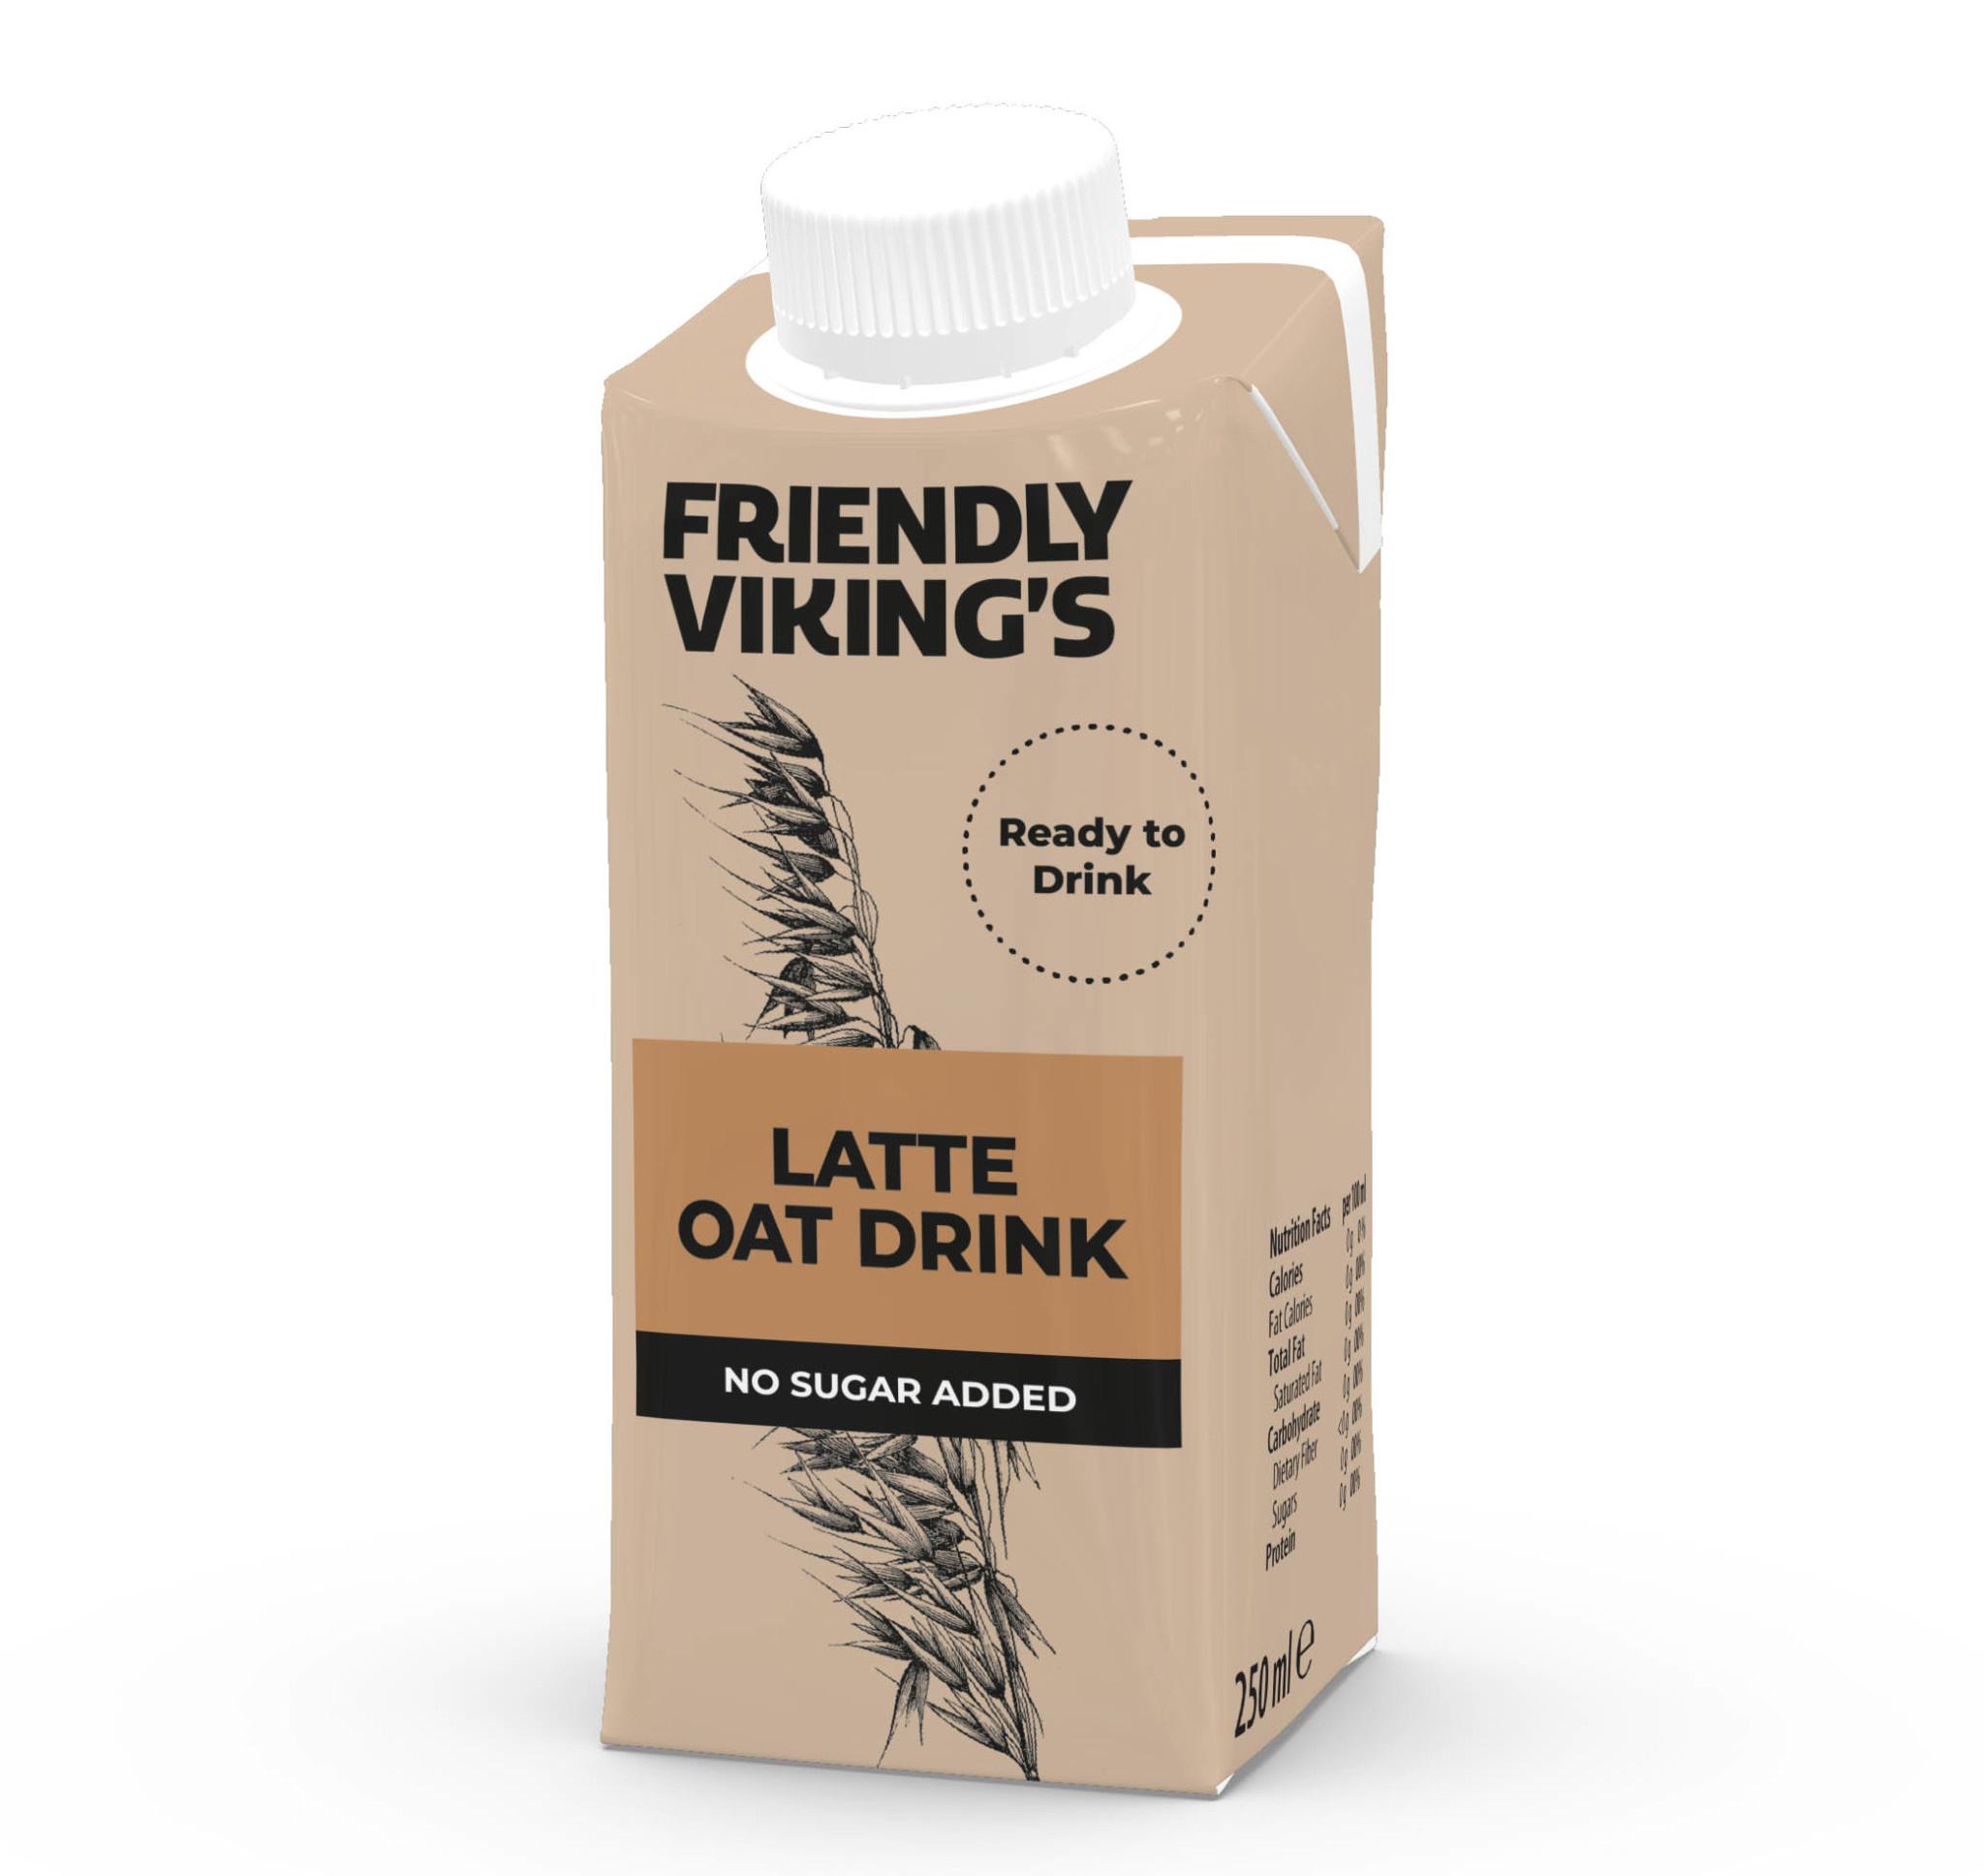 FRIENDLY VIKING'S FRIENDLY VIKING'S Oat Drink - Latte 250ml